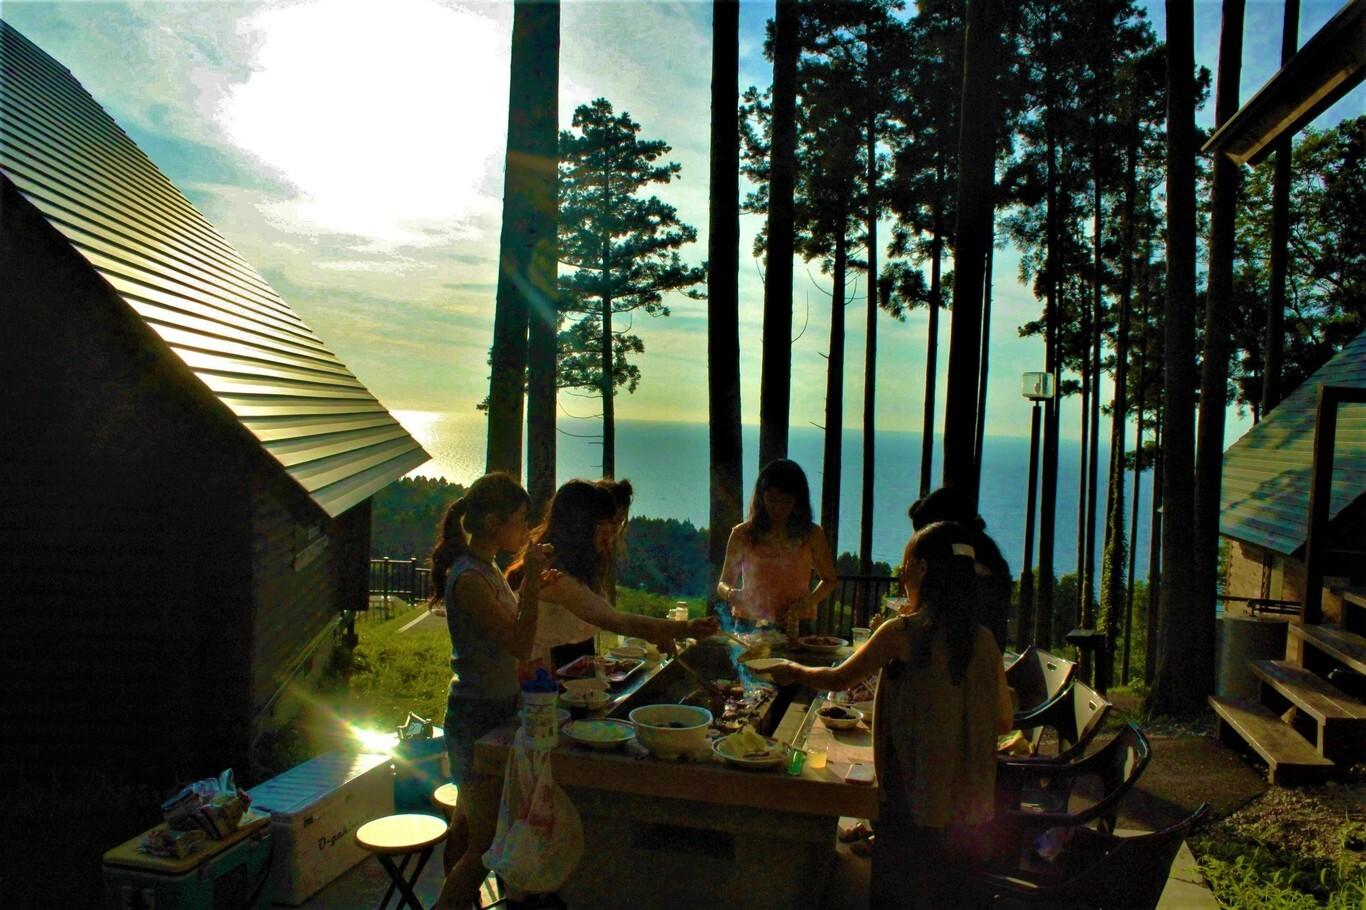 ガラガラ山キャンプ場 SPA&CAMP の公式写真c8344